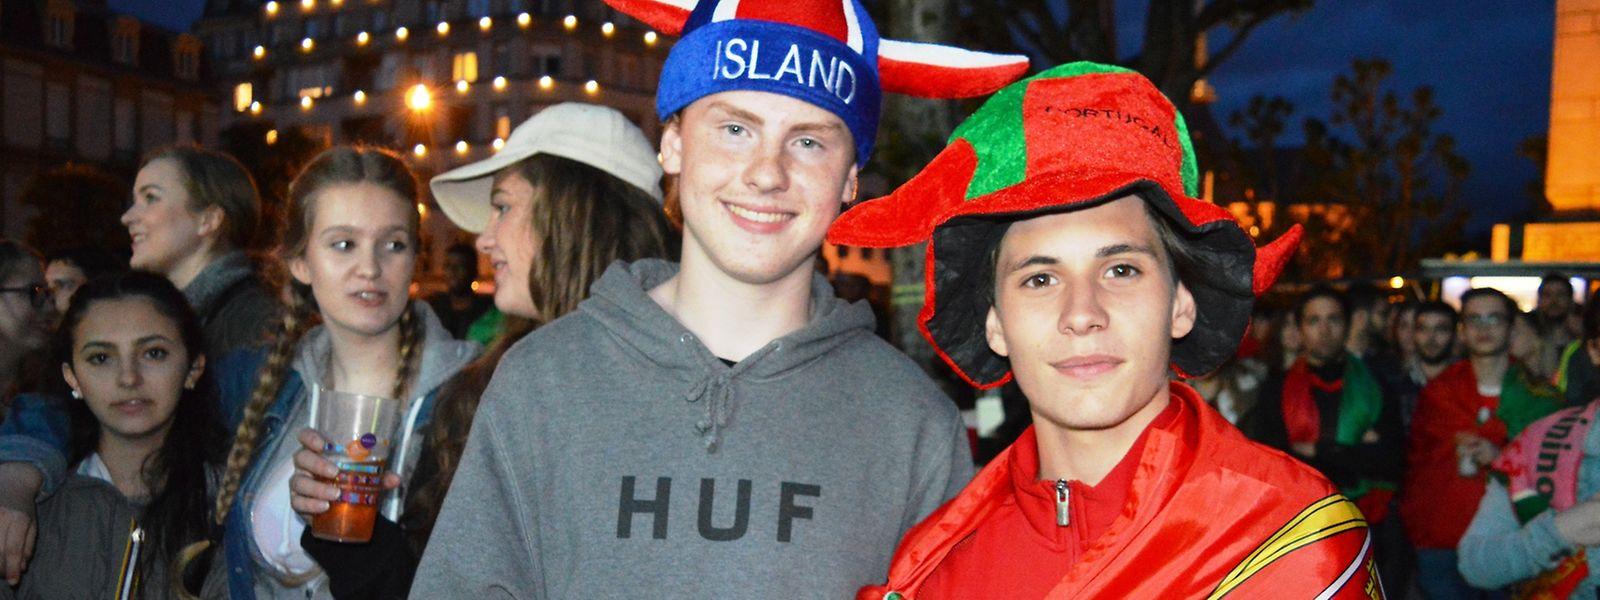 Jovens adeptos portugueses e islandeses convideram com 'fair-play' na Place de la Constituition, no Luxemburgo